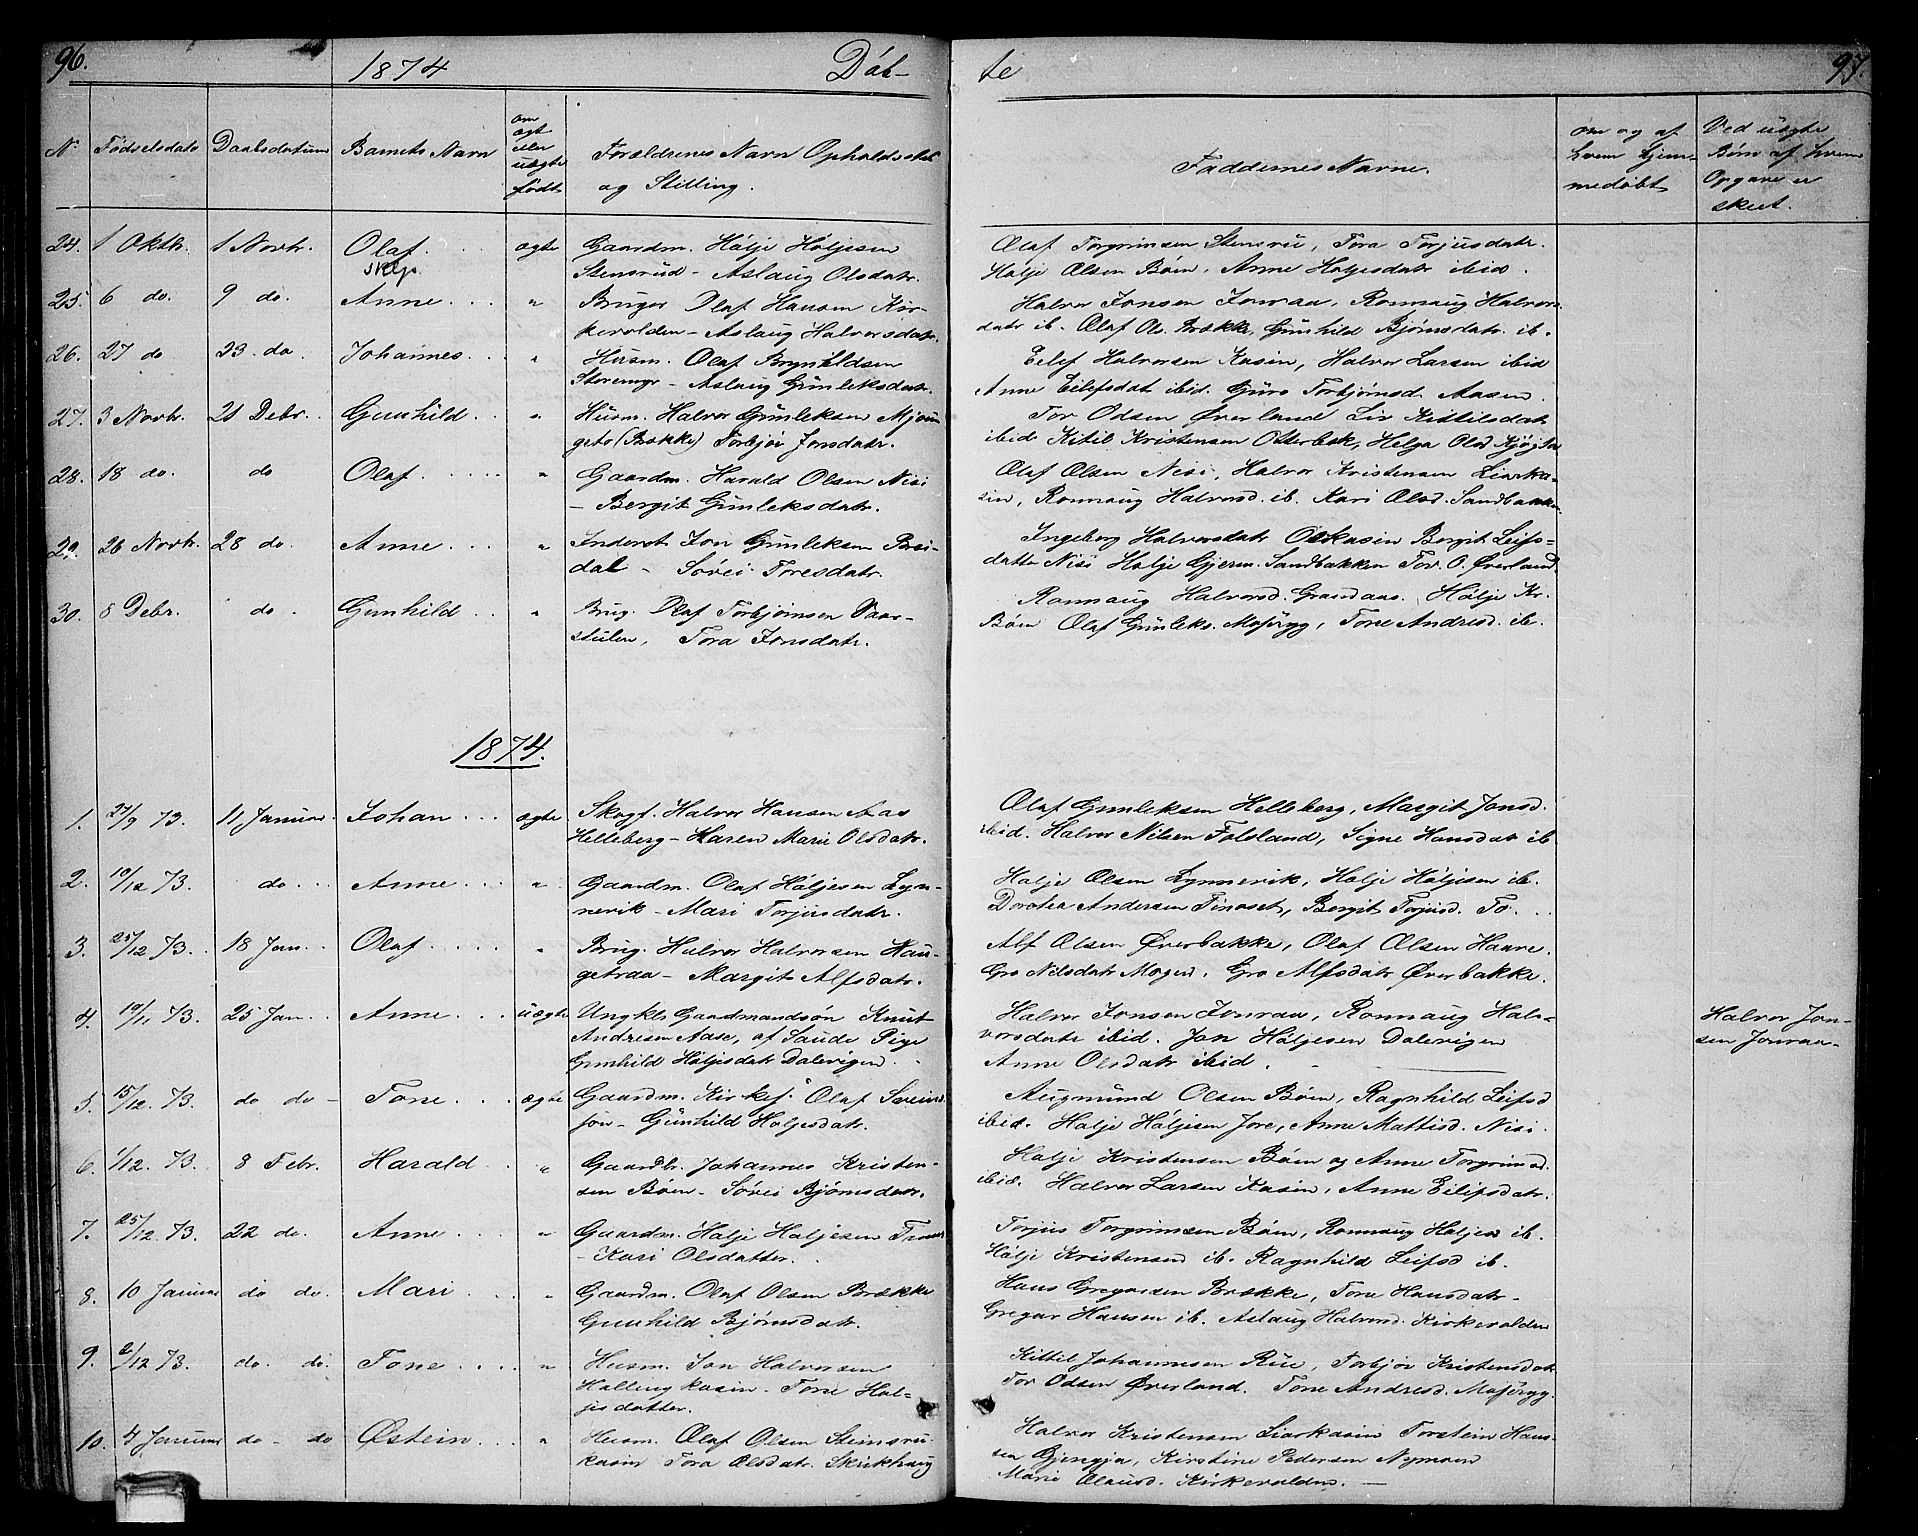 SAKO, Gransherad kirkebøker, G/Ga/L0002: Klokkerbok nr. I 2, 1854-1886, s. 96-97